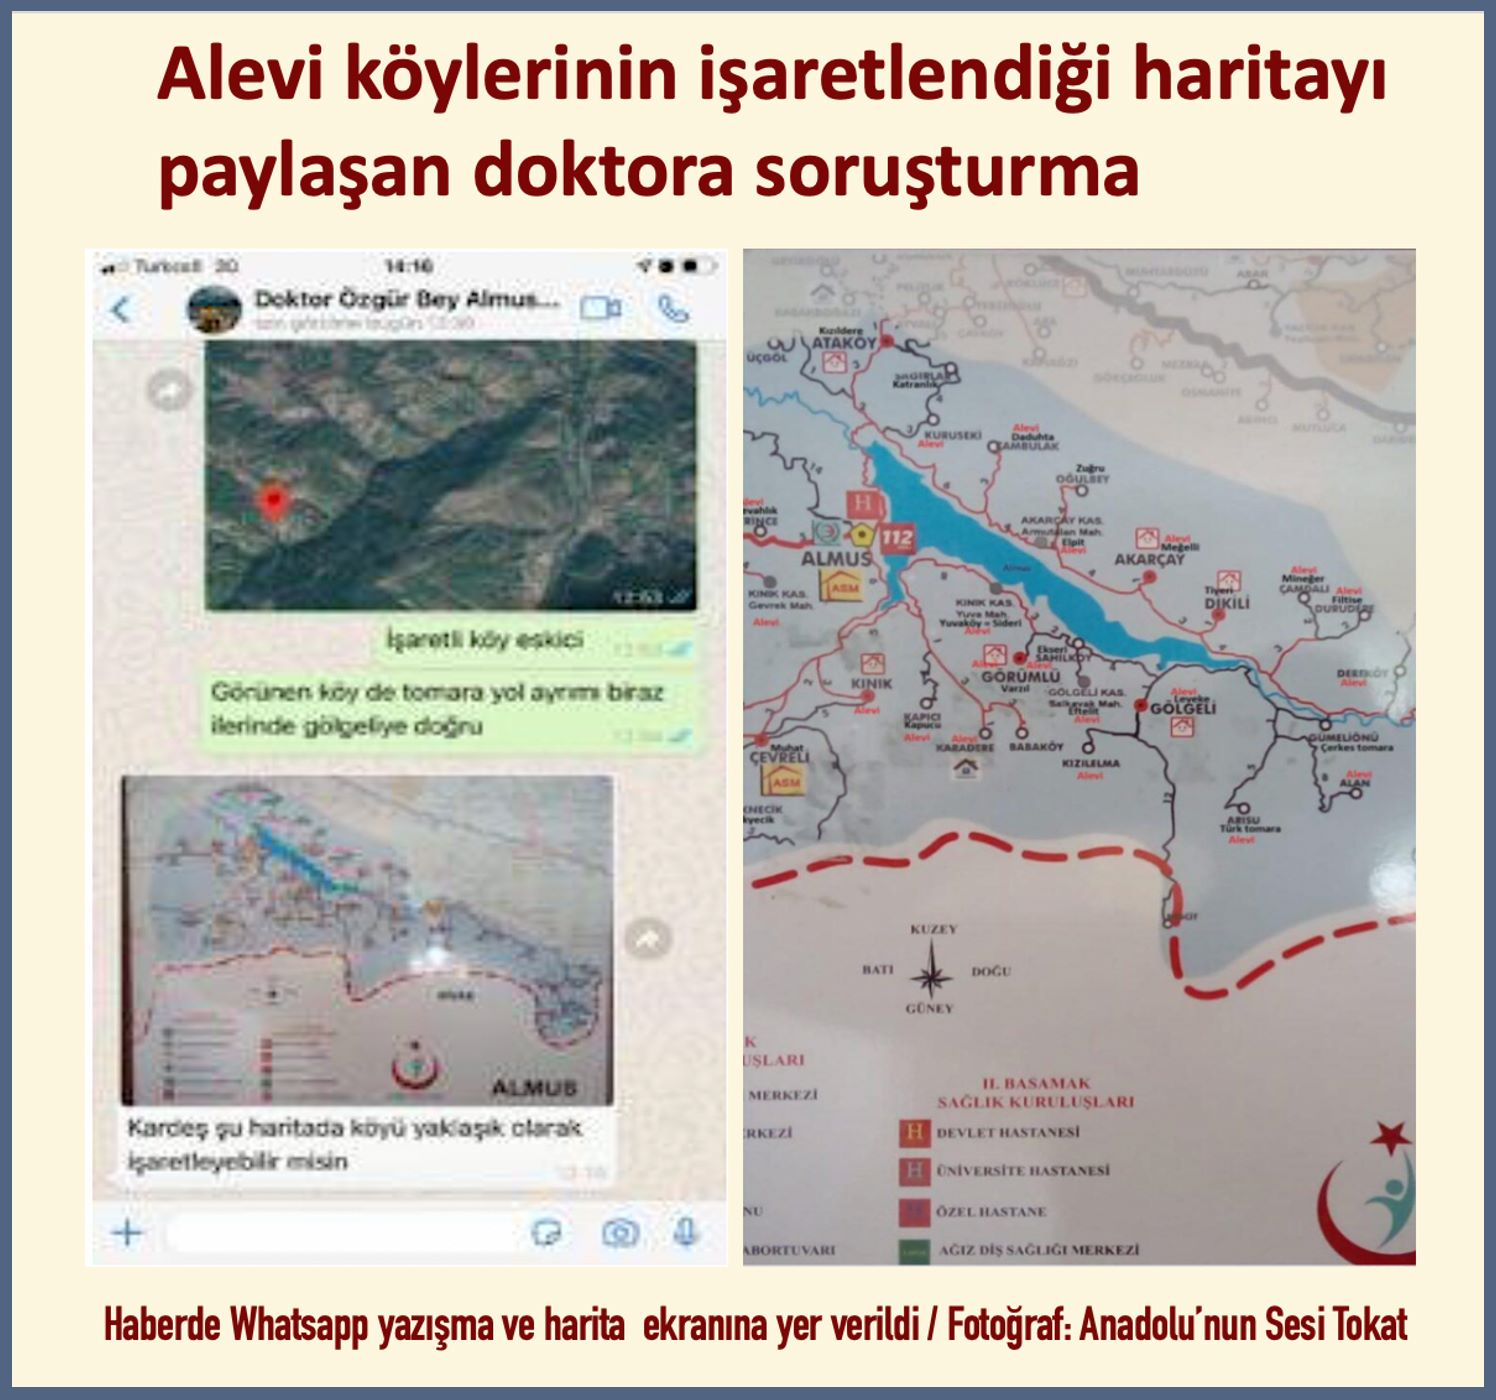 Alevi köylerinin işaretlendiği harita